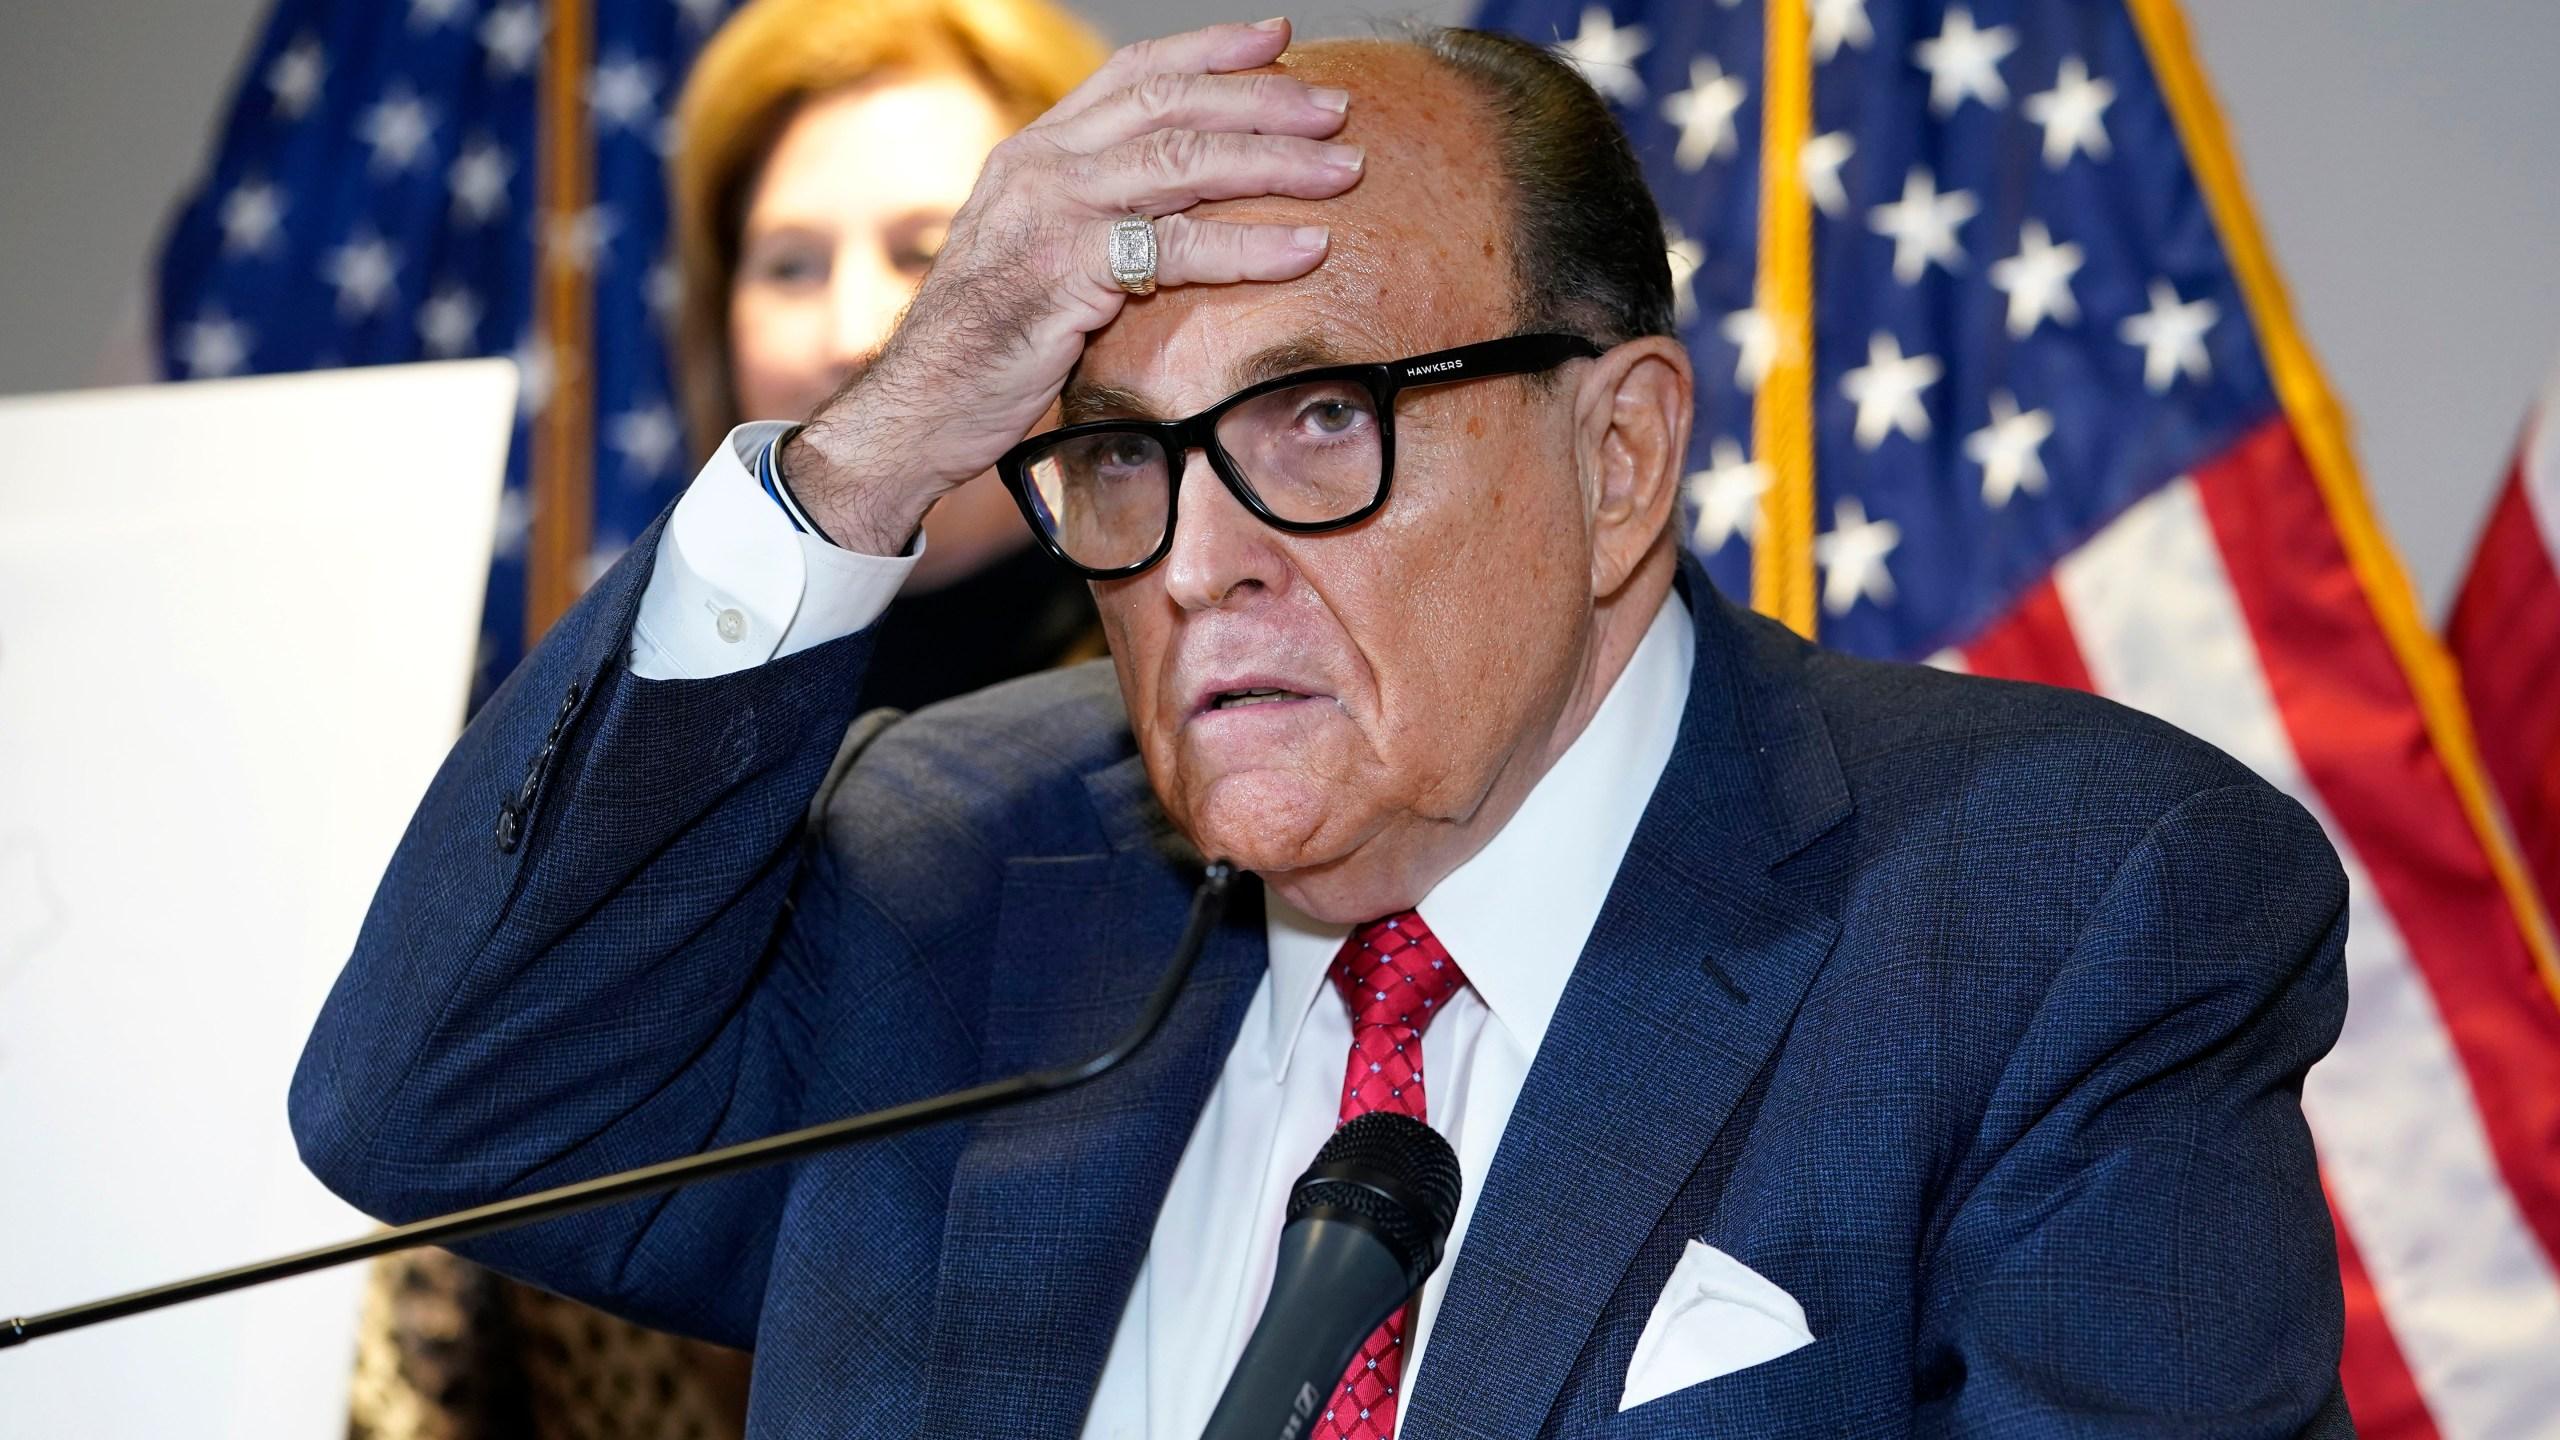 Image of rudy Giuliani